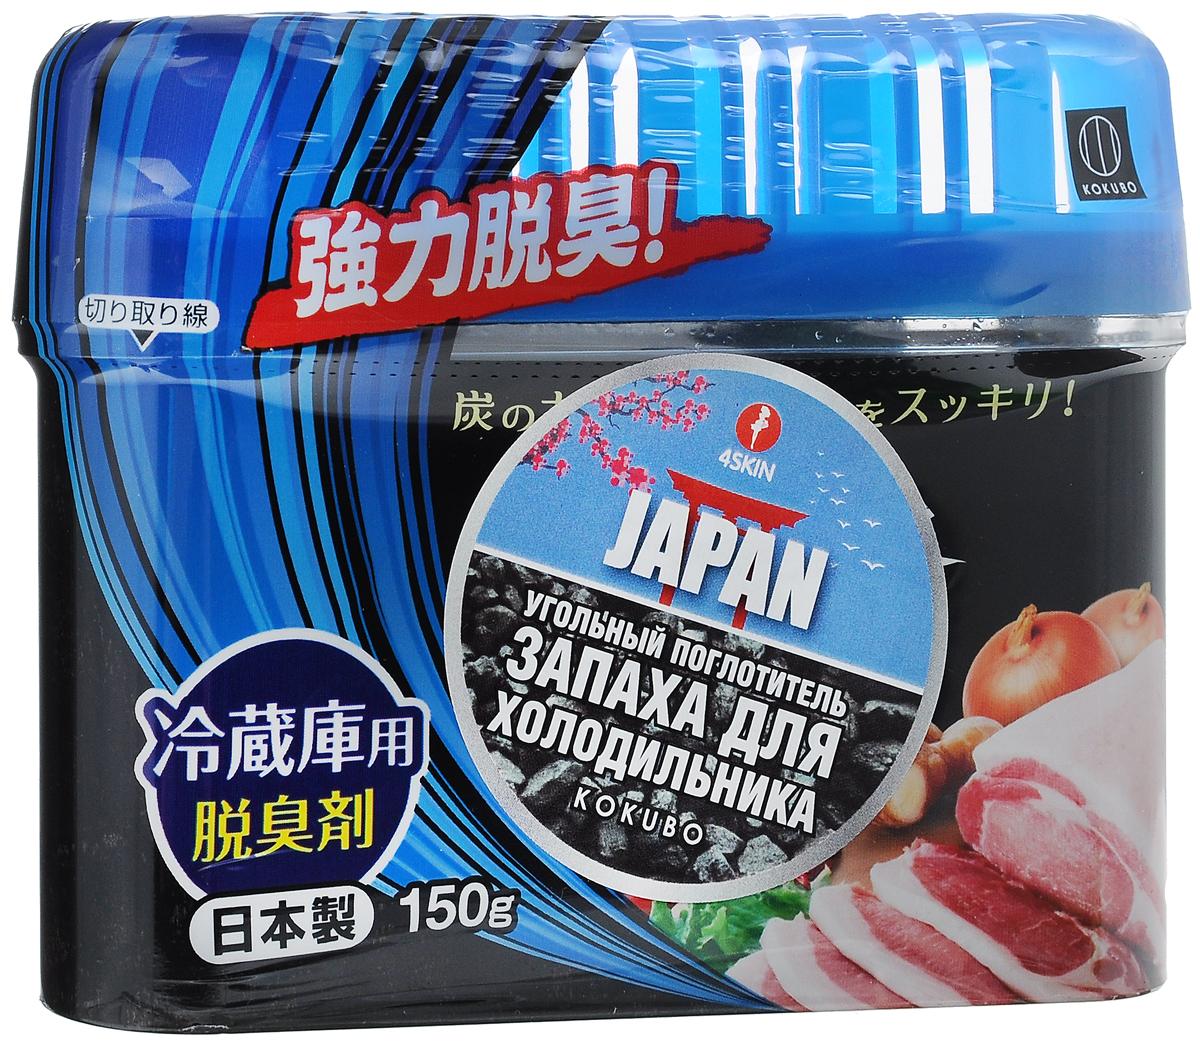 Поглотитель запаха для холодильника KOKUBO Sumi-Ban, 150 г219872Поглотитель запаха для холодильника KOKUBO Sumi-Ban поглощает неприятные запахи, даже очень резкие и стойкие. Способствует долгому сохранению свежести и вкусовых качеств продуктов в холодильнике. Содержит древесный уголь, благодаря которому обеспечивается длительный антибактериальный эффект. Продолжительность действия до 2-х месяцев при объеме холодильника до 450-ти литров. Состав: очищенная вода, гелиевый наполнитель, натуральный дезодорант, уголь. Вес: 150 г.